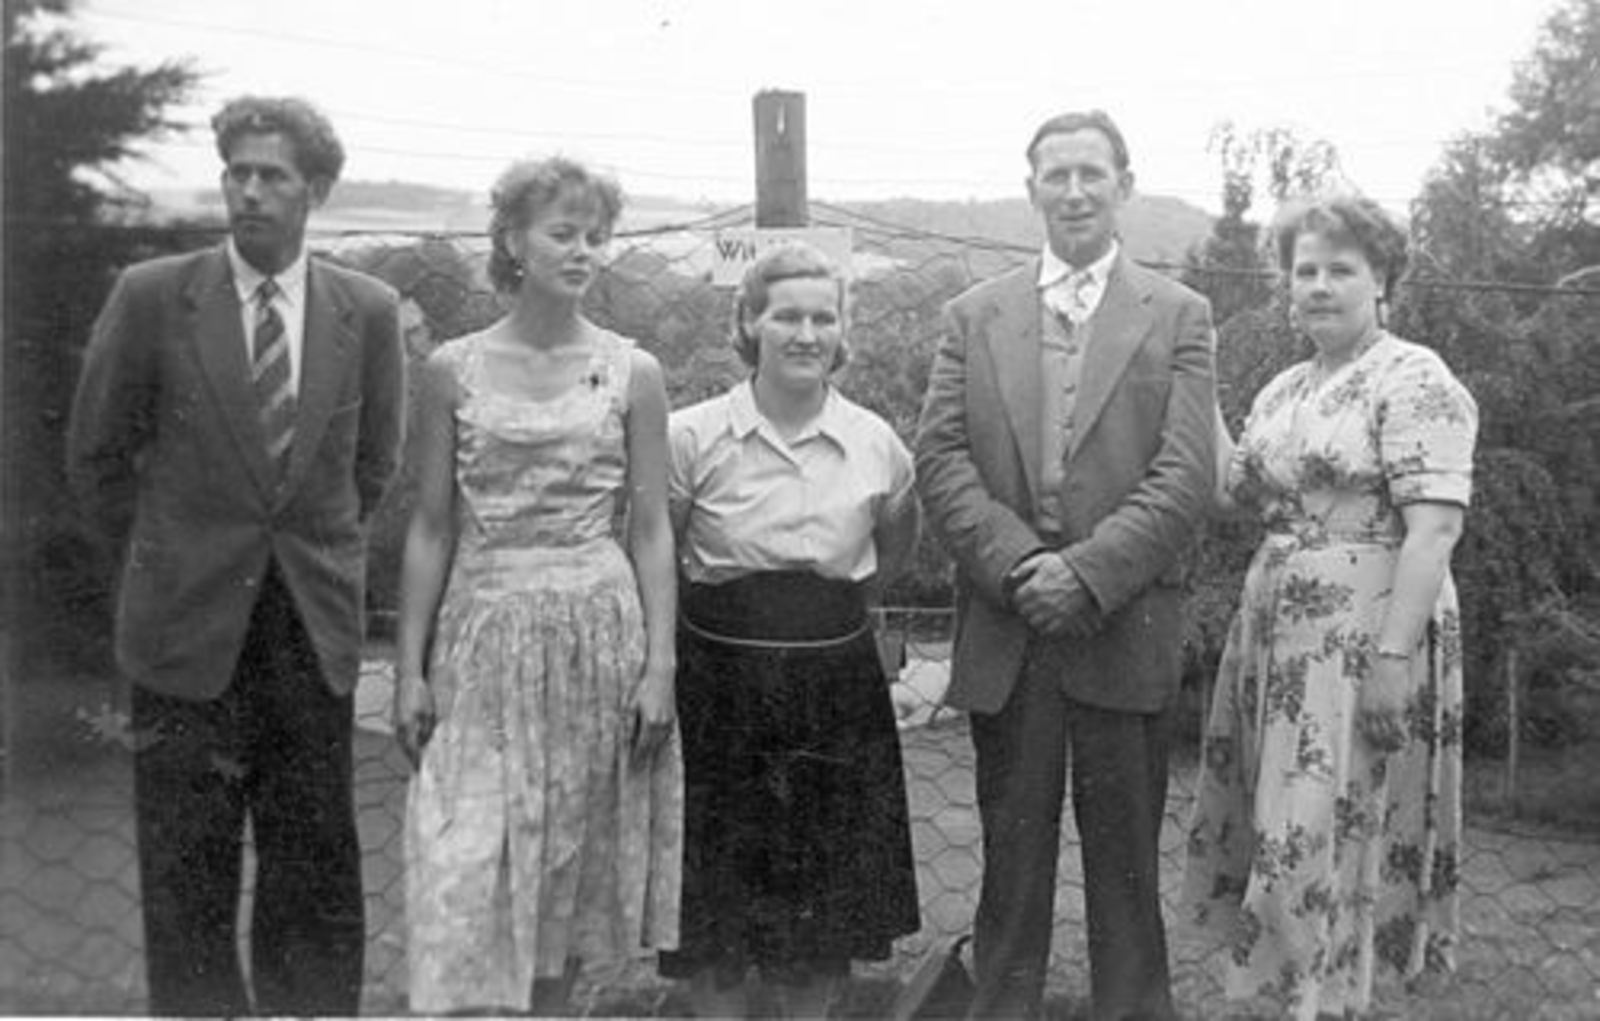 Imanse Iman C 1920 19__ Uitje met Vrienden Serie 61 10